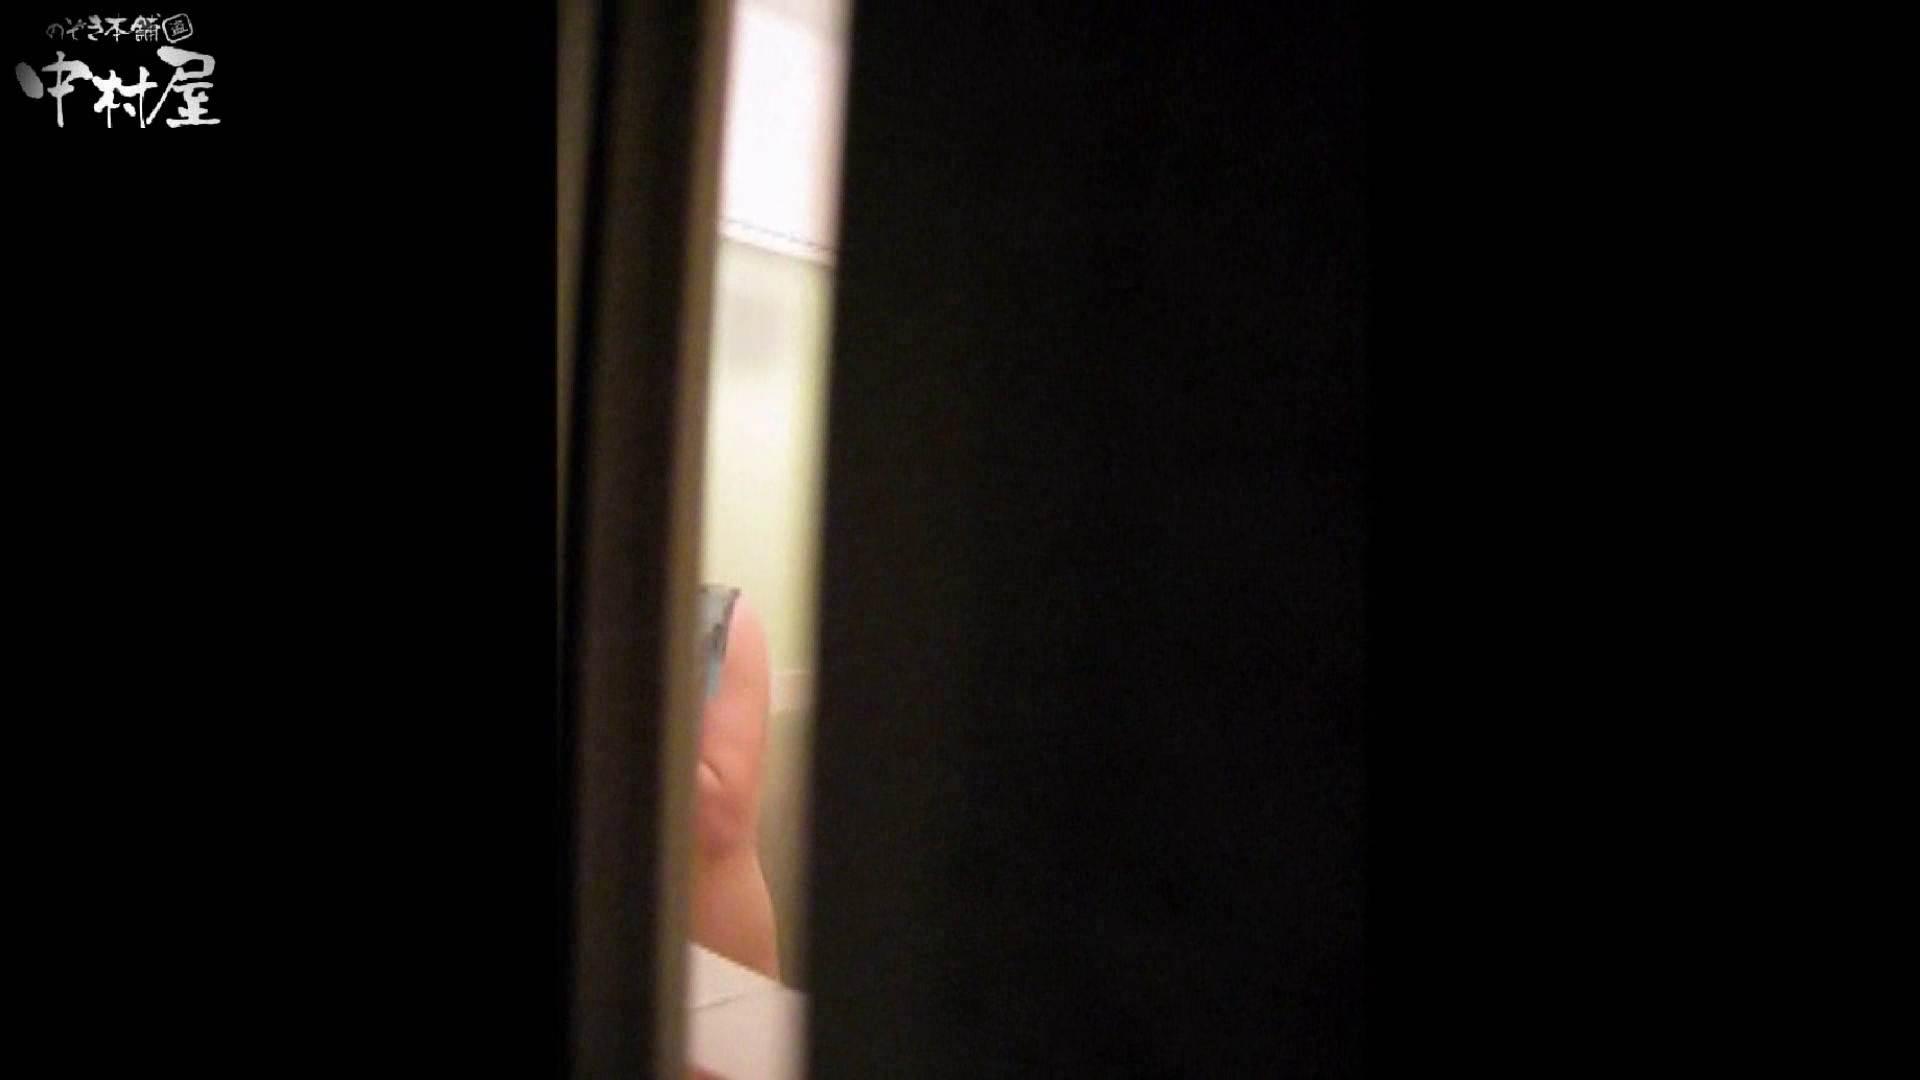 民家風呂専門盗撮師の超危険映像 vol.015 民家シリーズ すけべAV動画紹介 99PIX 98